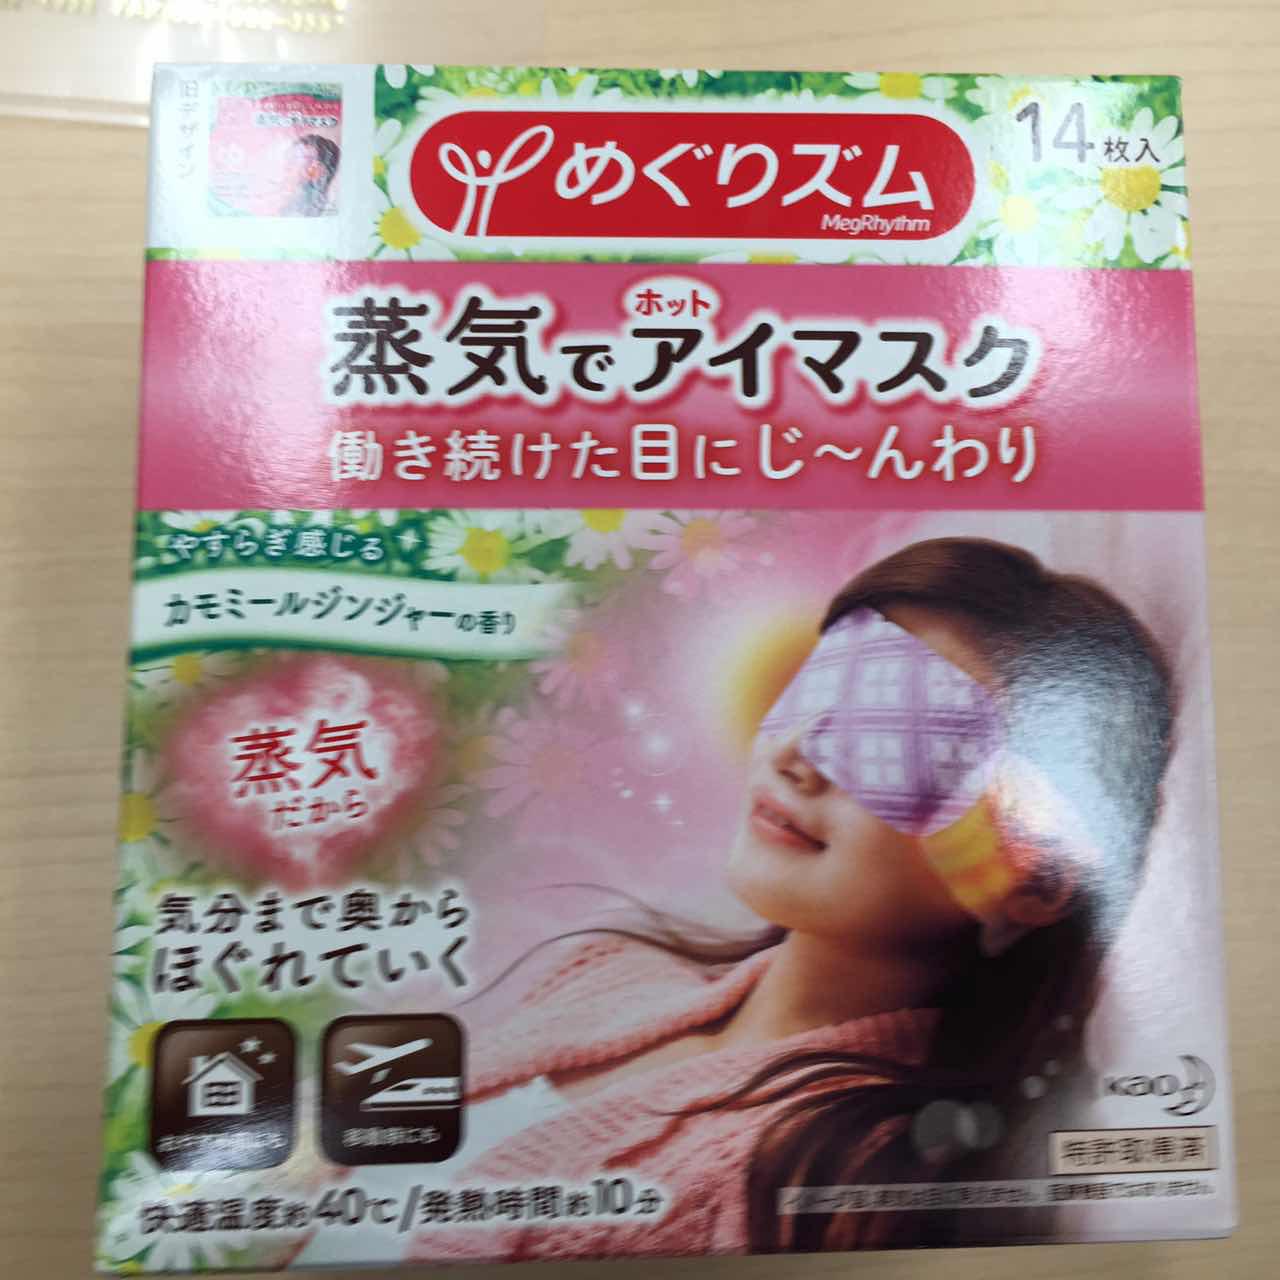 花王Kao蒸氣熱眼罩(洋甘菊)(14片)